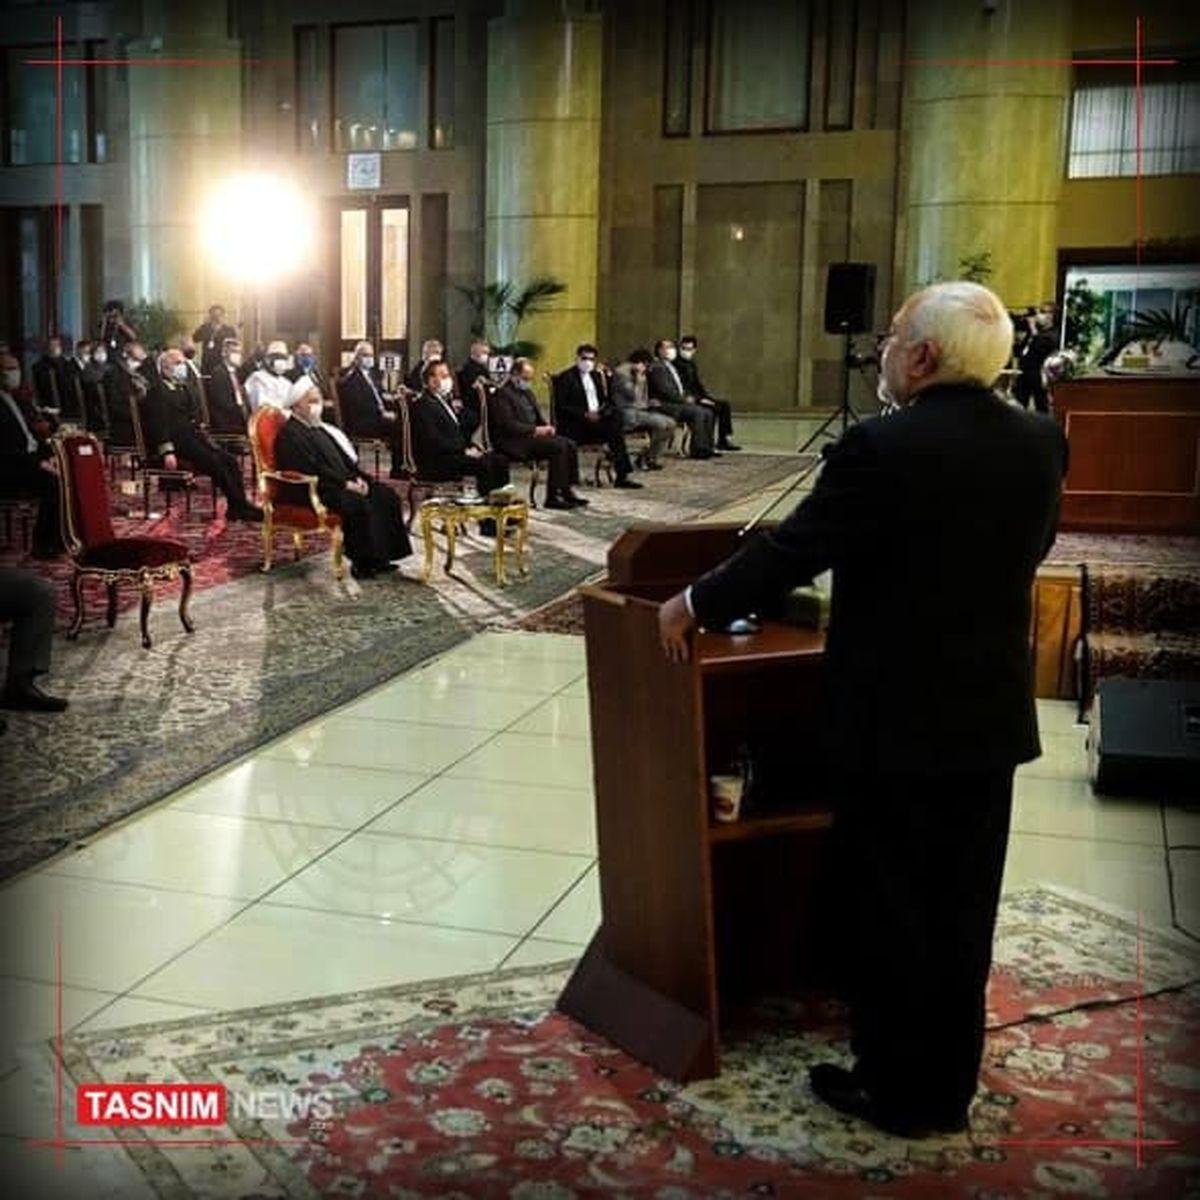 ظریف: مردم ایران در برابر جنگ اقتصادی مقابله کردند